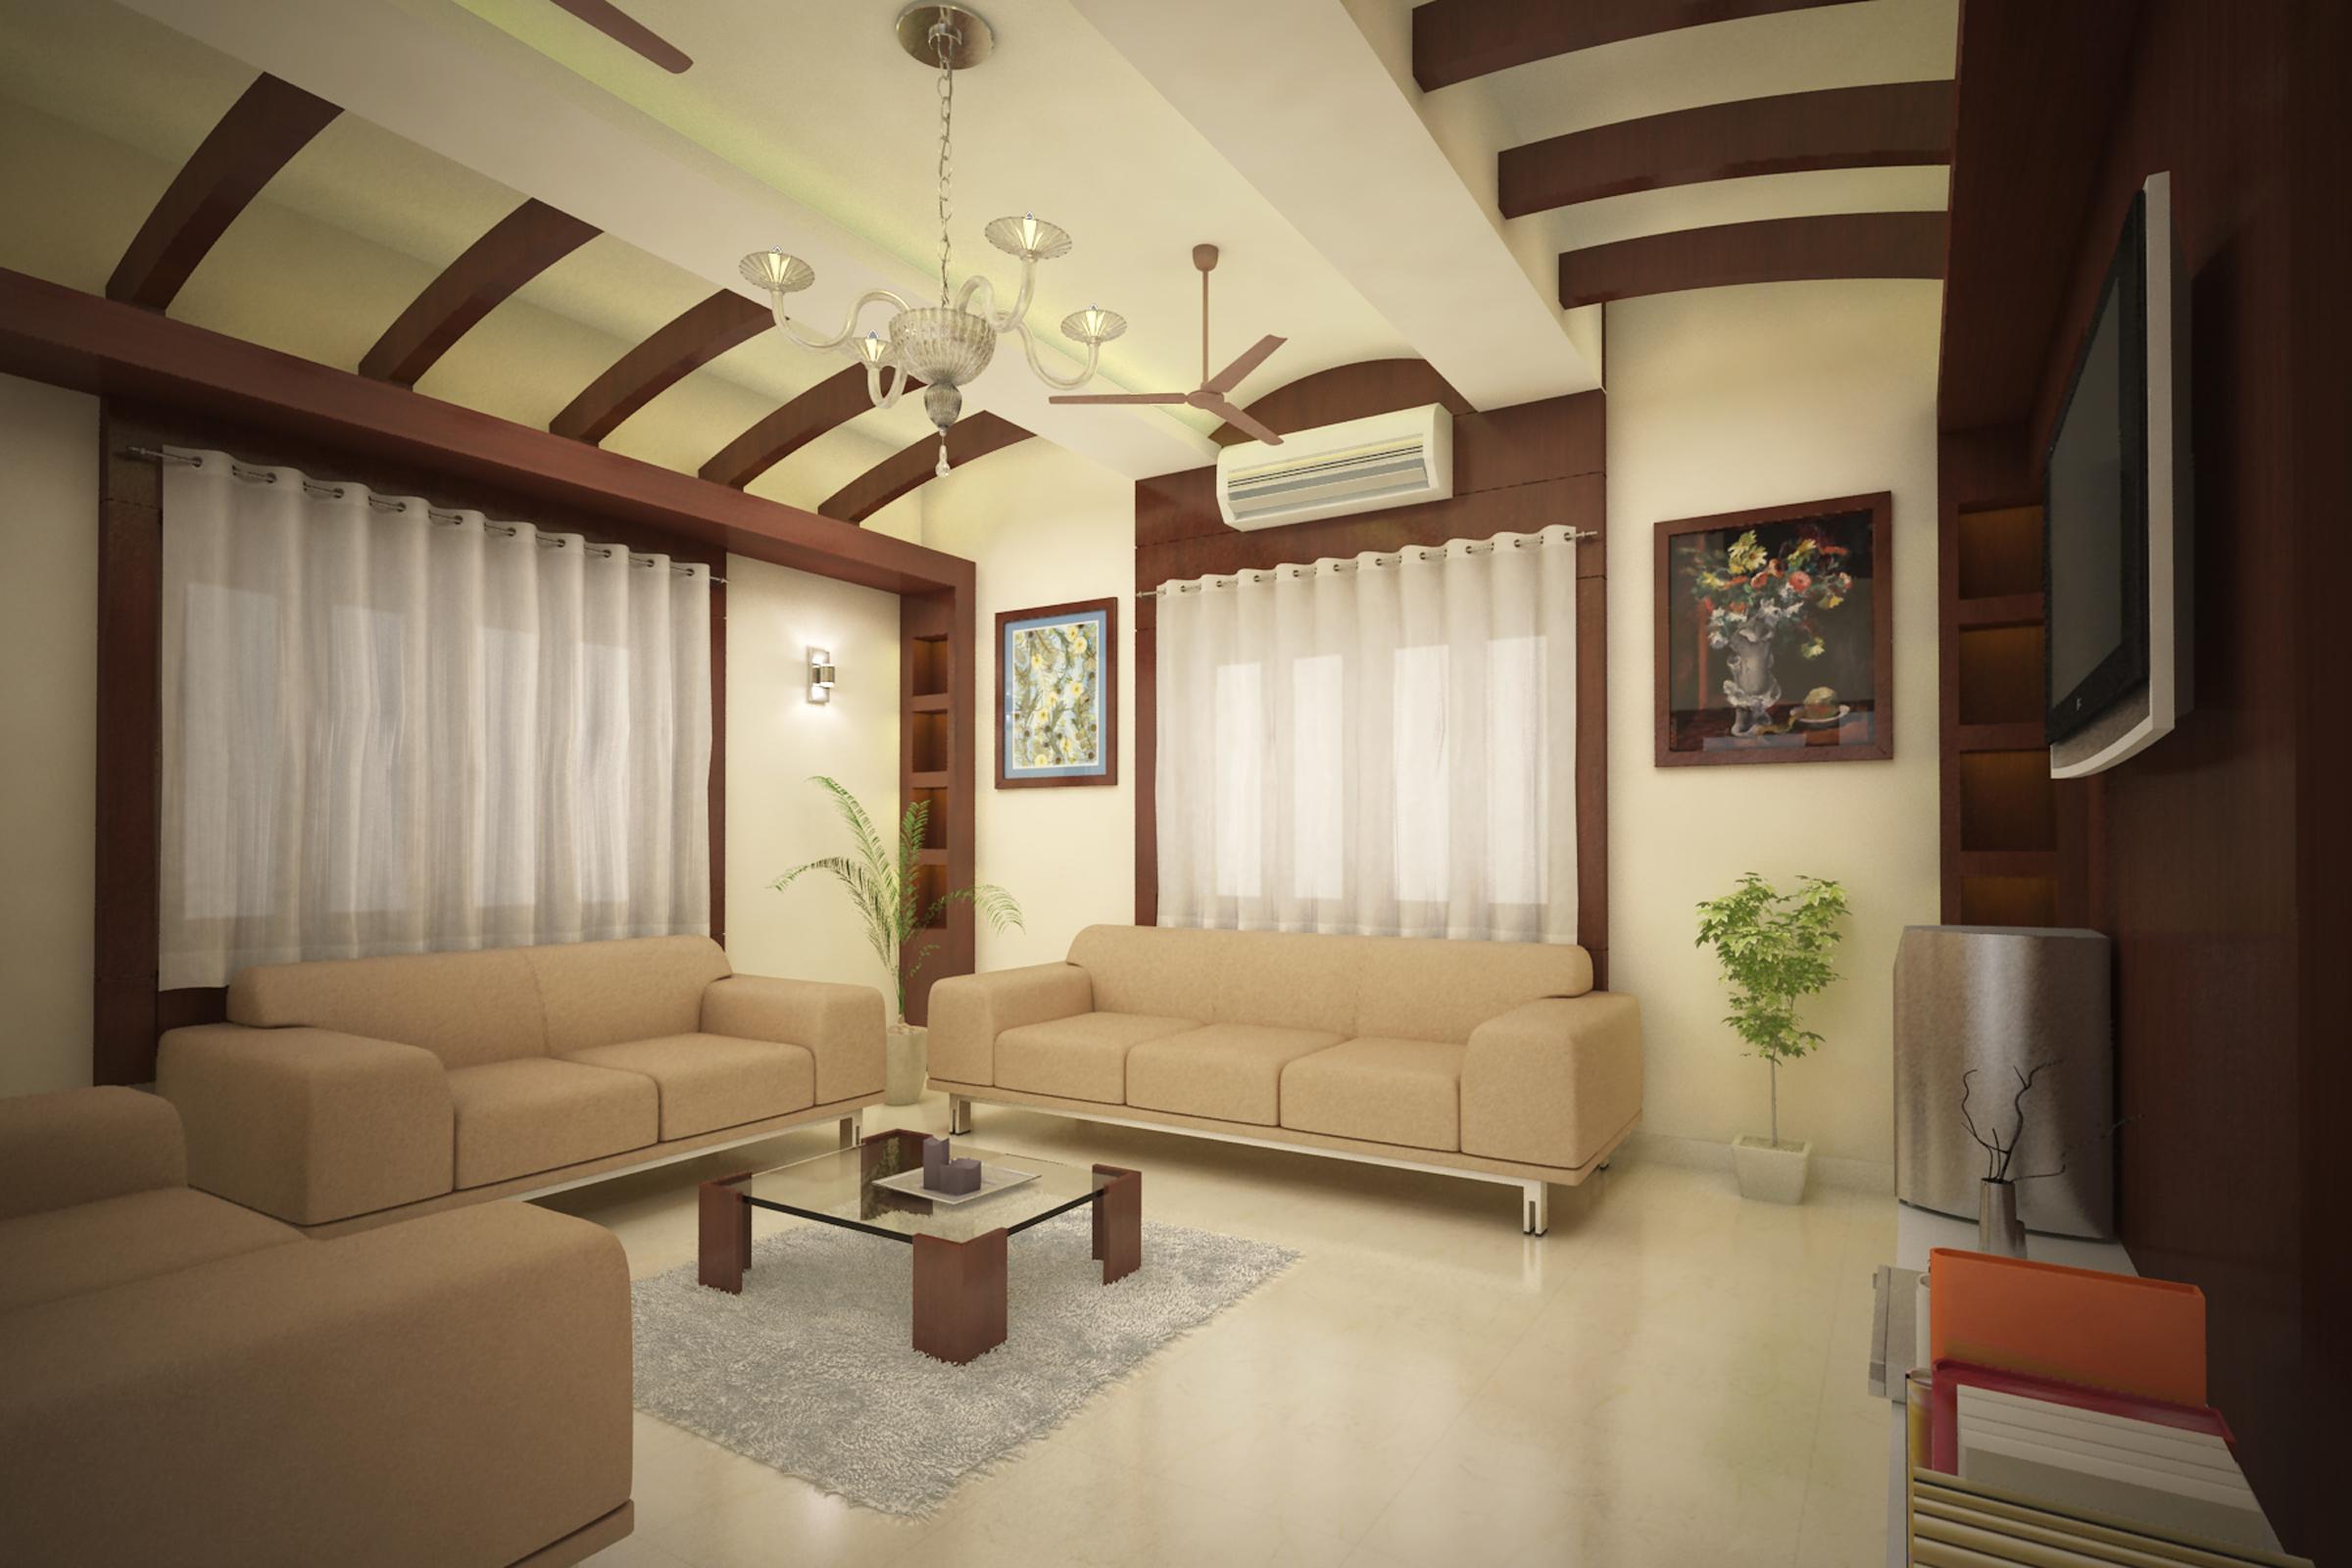 POP false ceiling with wooden beam design  GharExpert